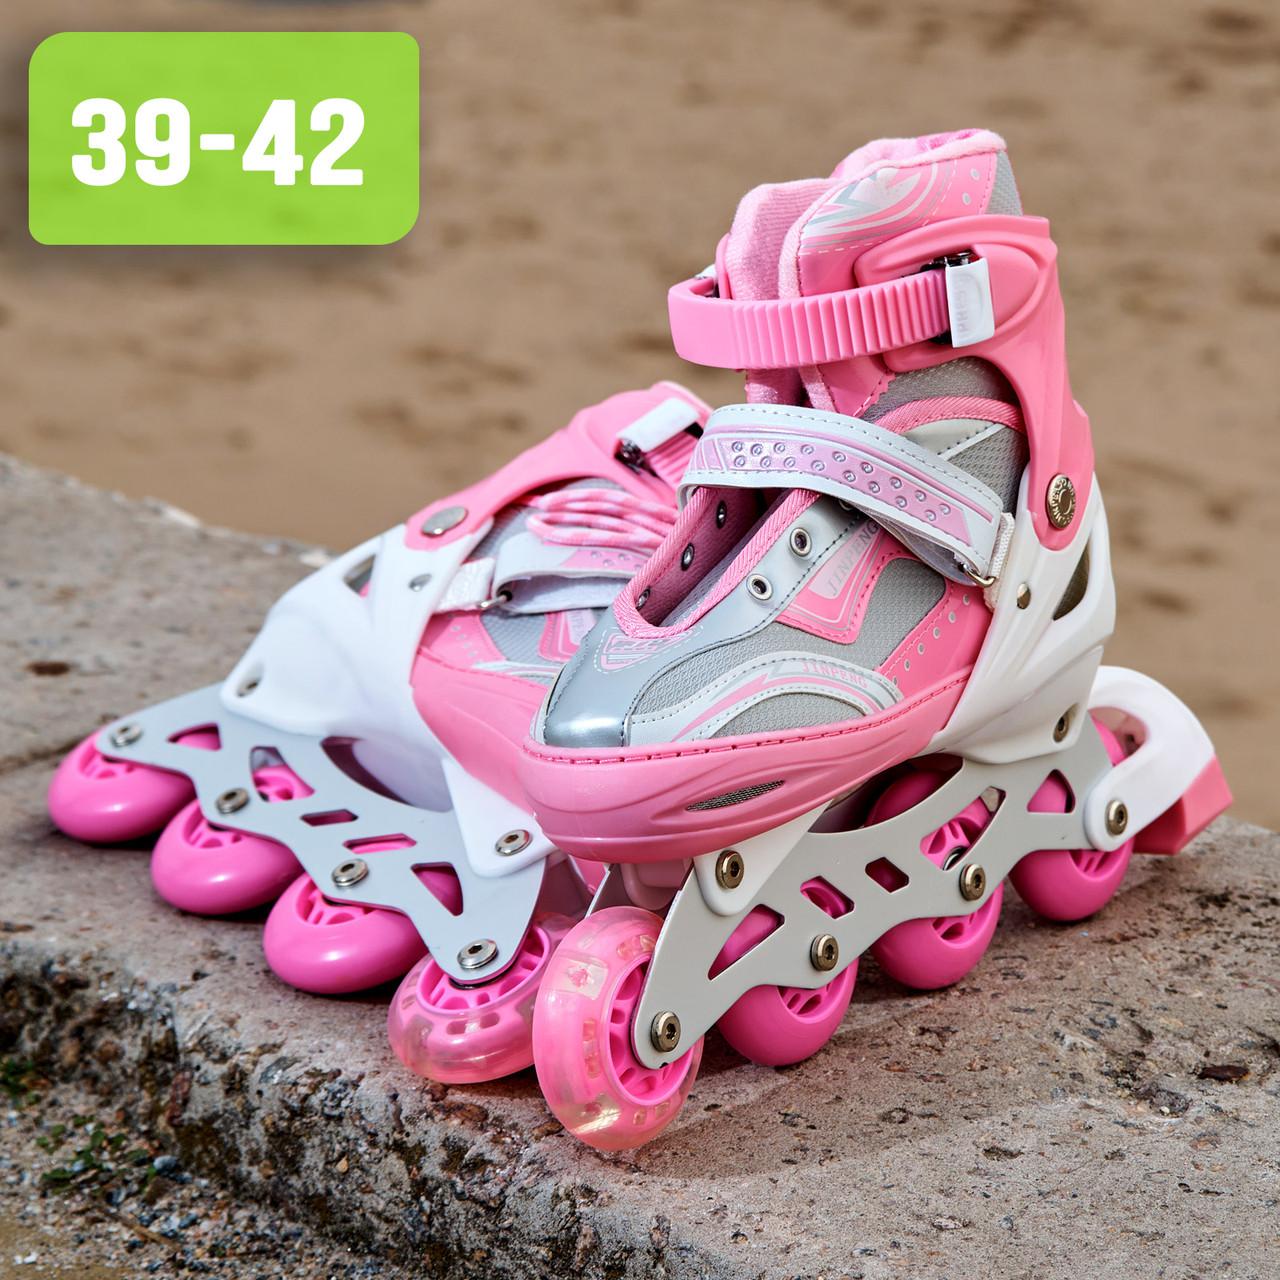 Дитячі ролики розсувні ROLLER SPORT (39-42) 2562, Рожеві з ВИДЕООБЗОРОМ!